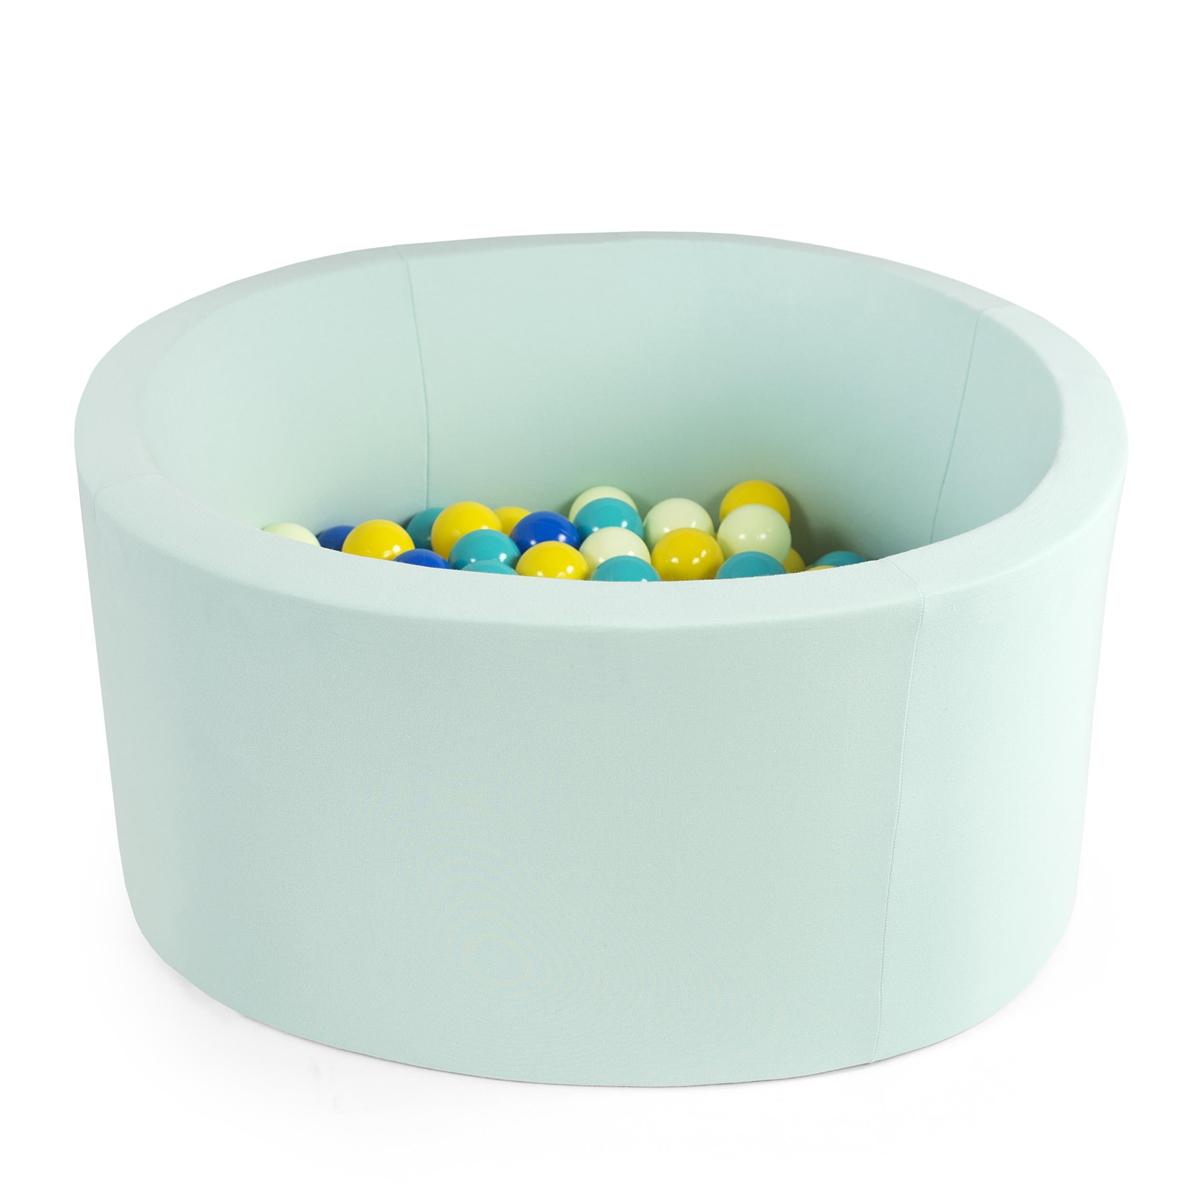 Mes premiers jouets Piscine à Balles Ronde Menthe 100 cm + Balles BTGT Piscine à Balles Ronde Menthe 100 cm + Balles BTGT